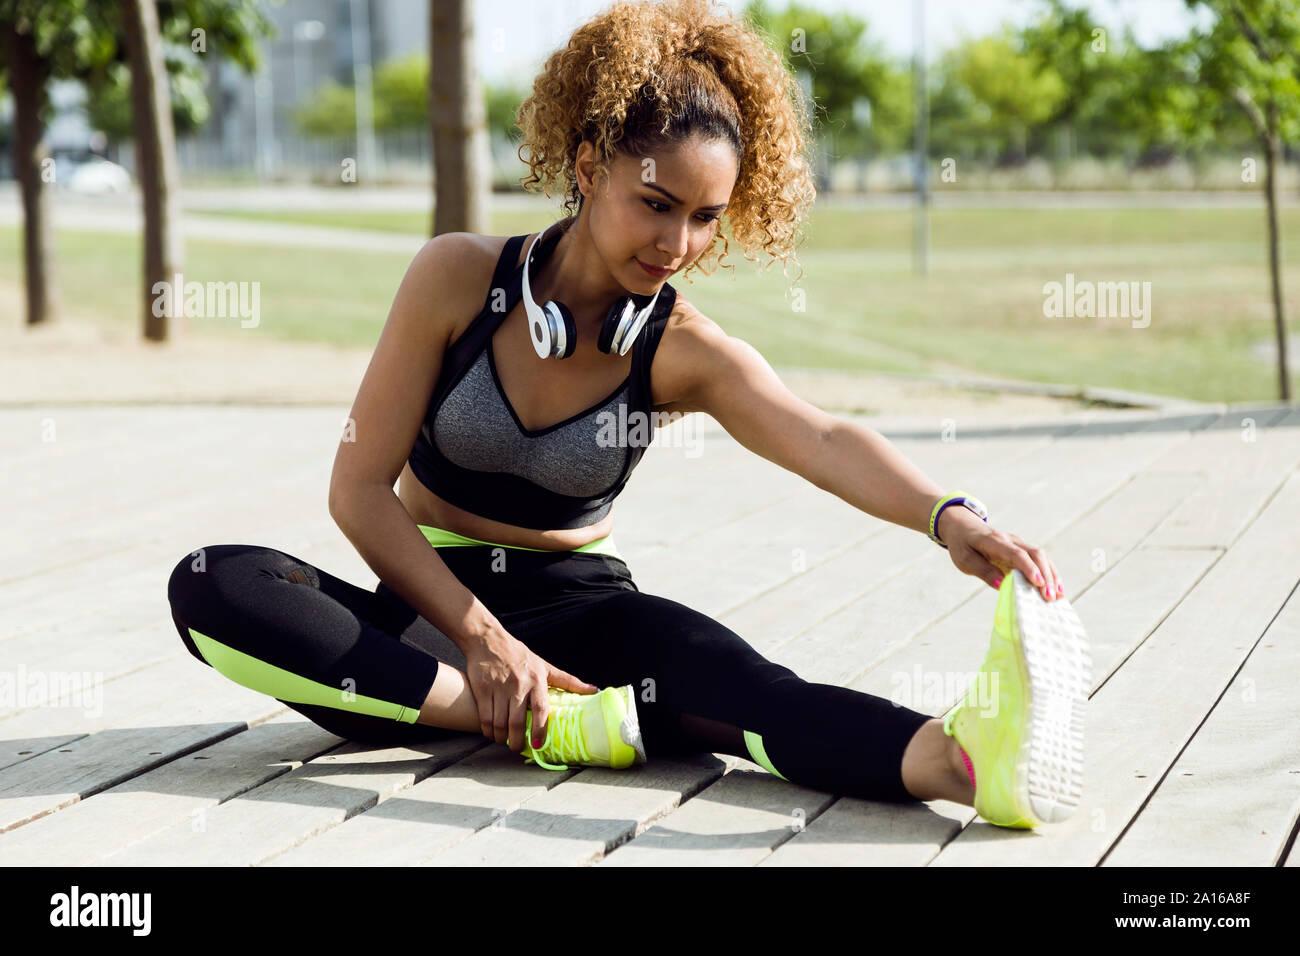 Sporty woman stretching dans le parc Banque D'Images